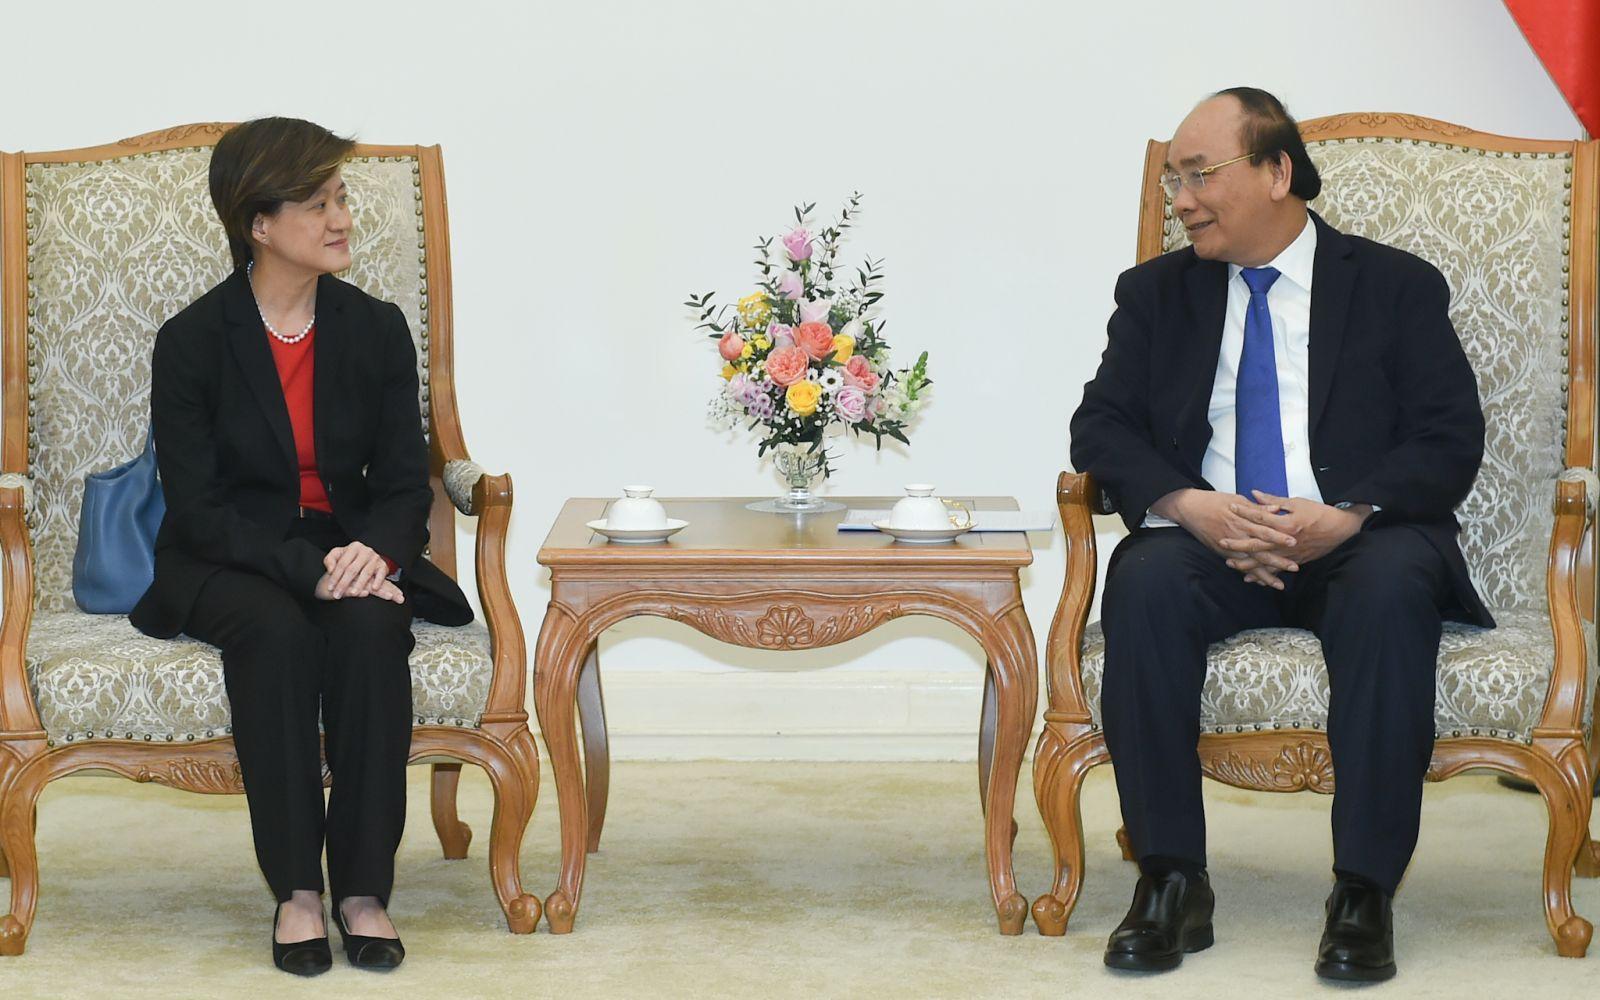 Thủ tướng Nguyễn Xuân Phúc tiếp Đại sứ Singapore, bà Catherine Wong chào từ biệt. Ảnh: VGP/Quang Hiếu